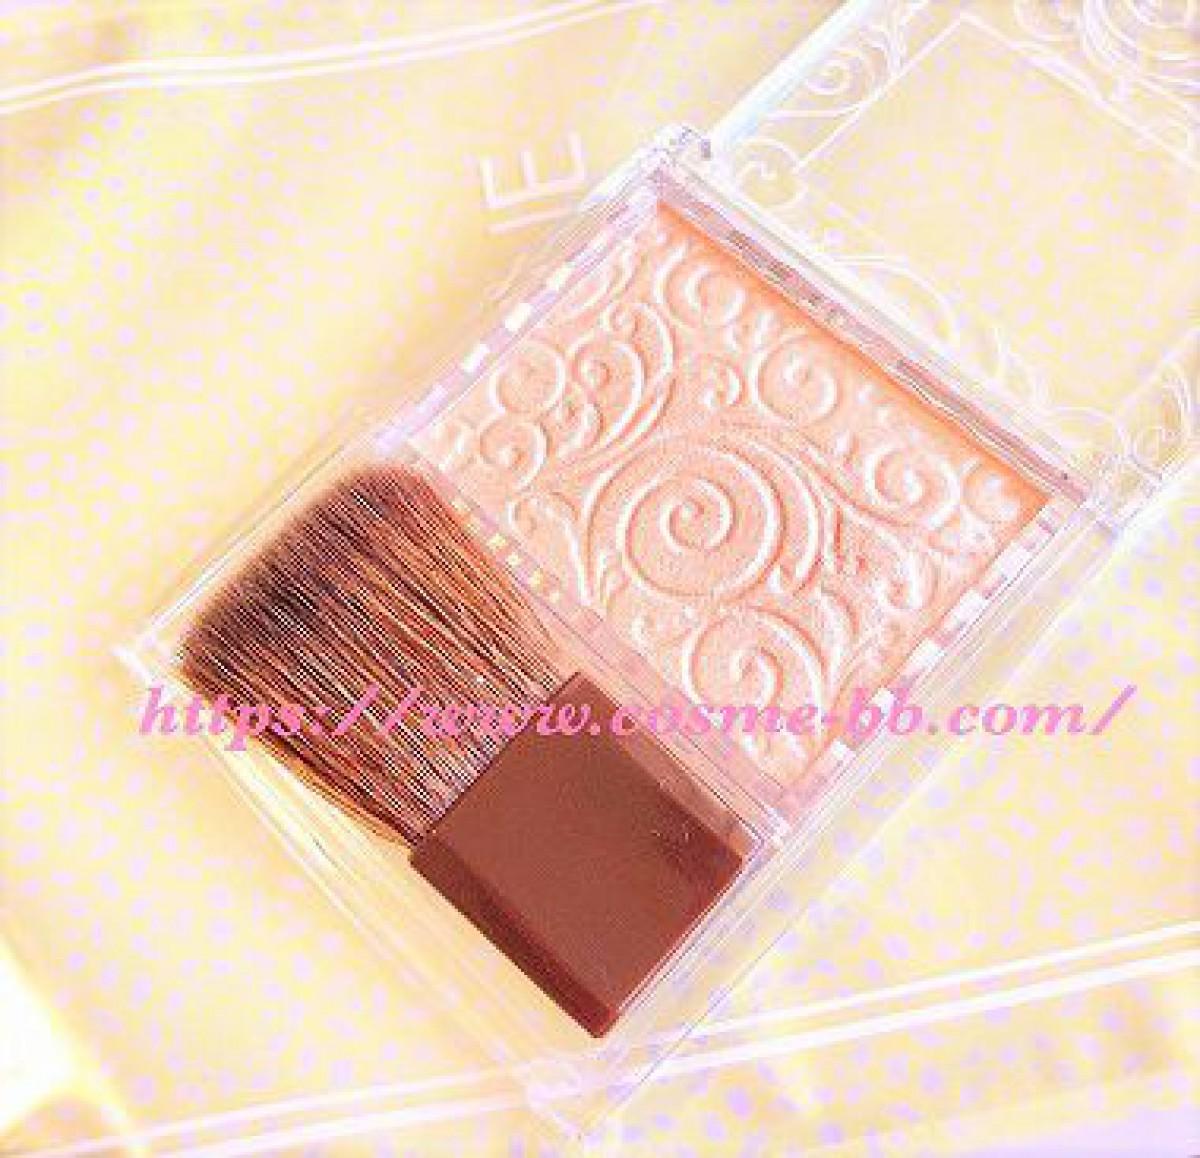 セザンヌ 人気のパールグロウハイライトをアイシャドウとして使うと綺麗。上品な輝き